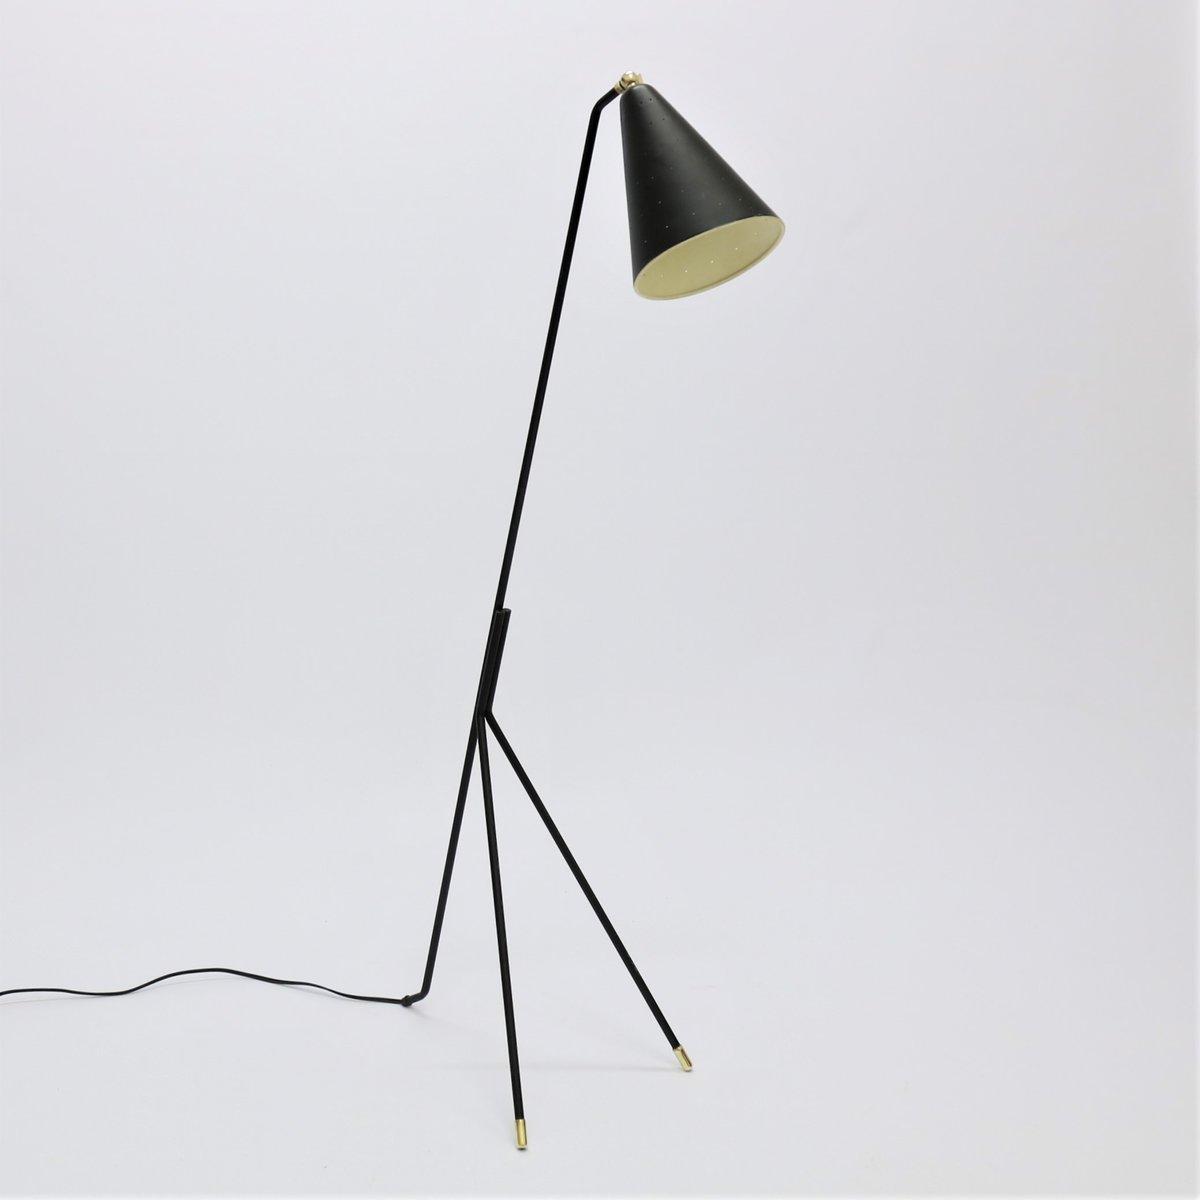 Moderne Mid-Century Stehlampe von Svend Aage Holm Sorensen, 1950er